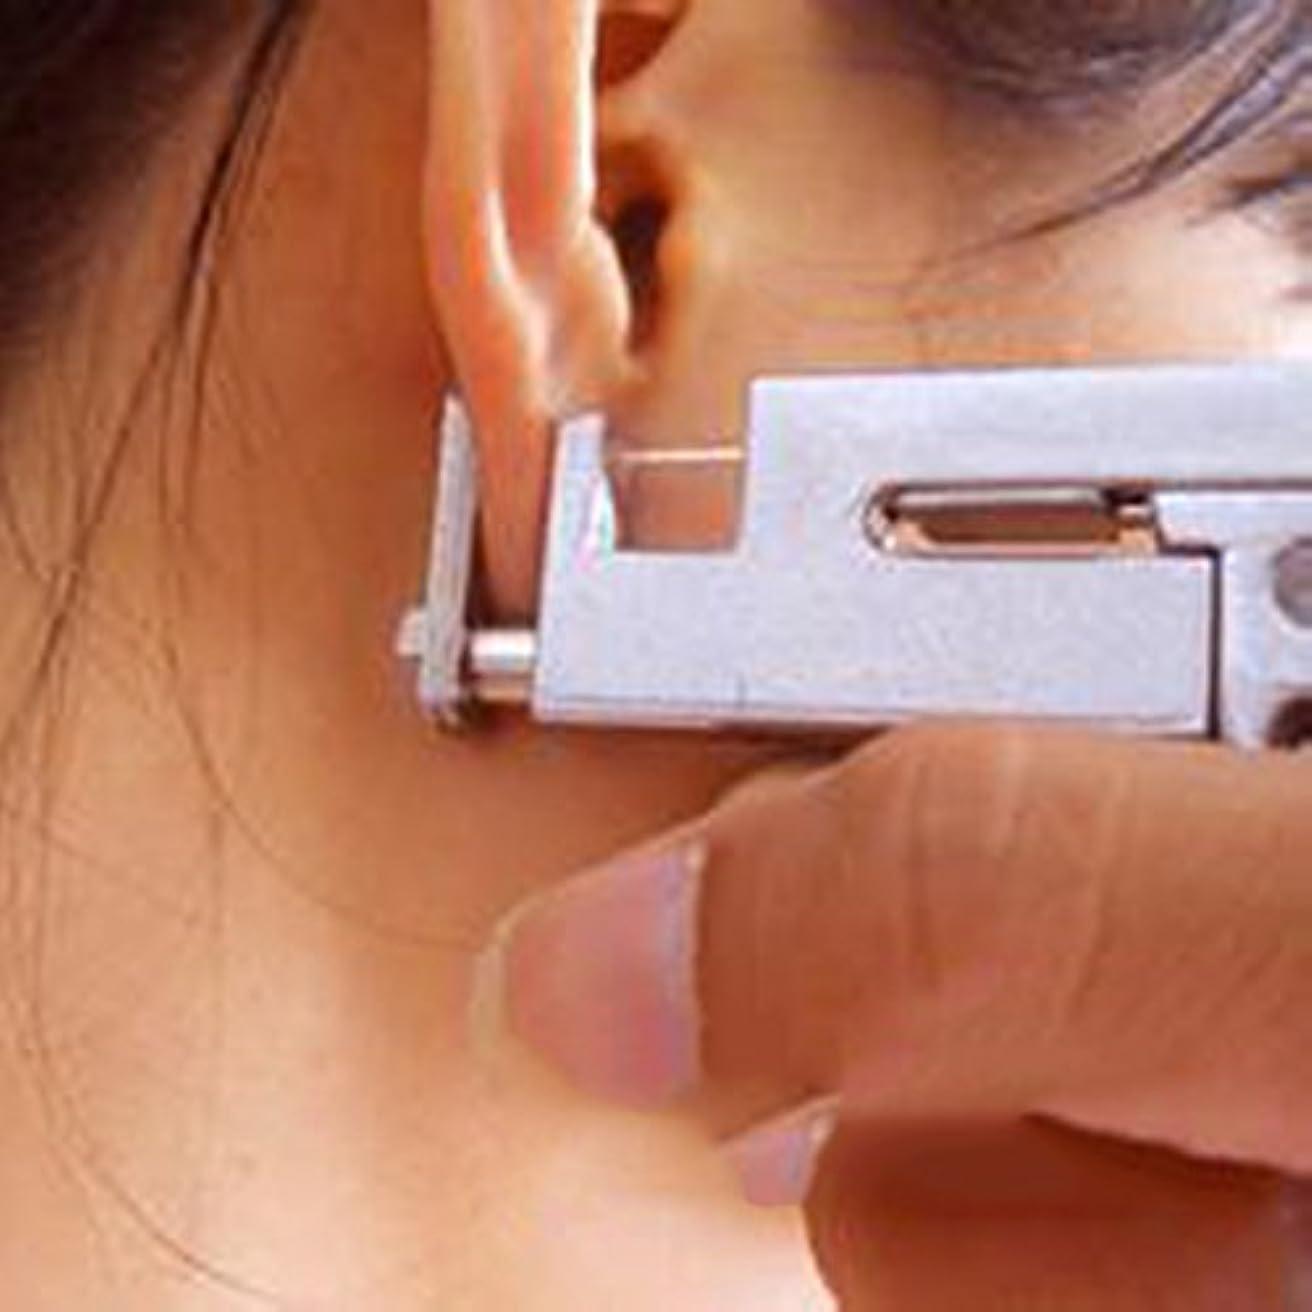 ゲージ擬人化踏みつけプロの耳ボディ鼻ピアスガン 工作機械キットセット+ 98個スチールスタッド 使いやすい